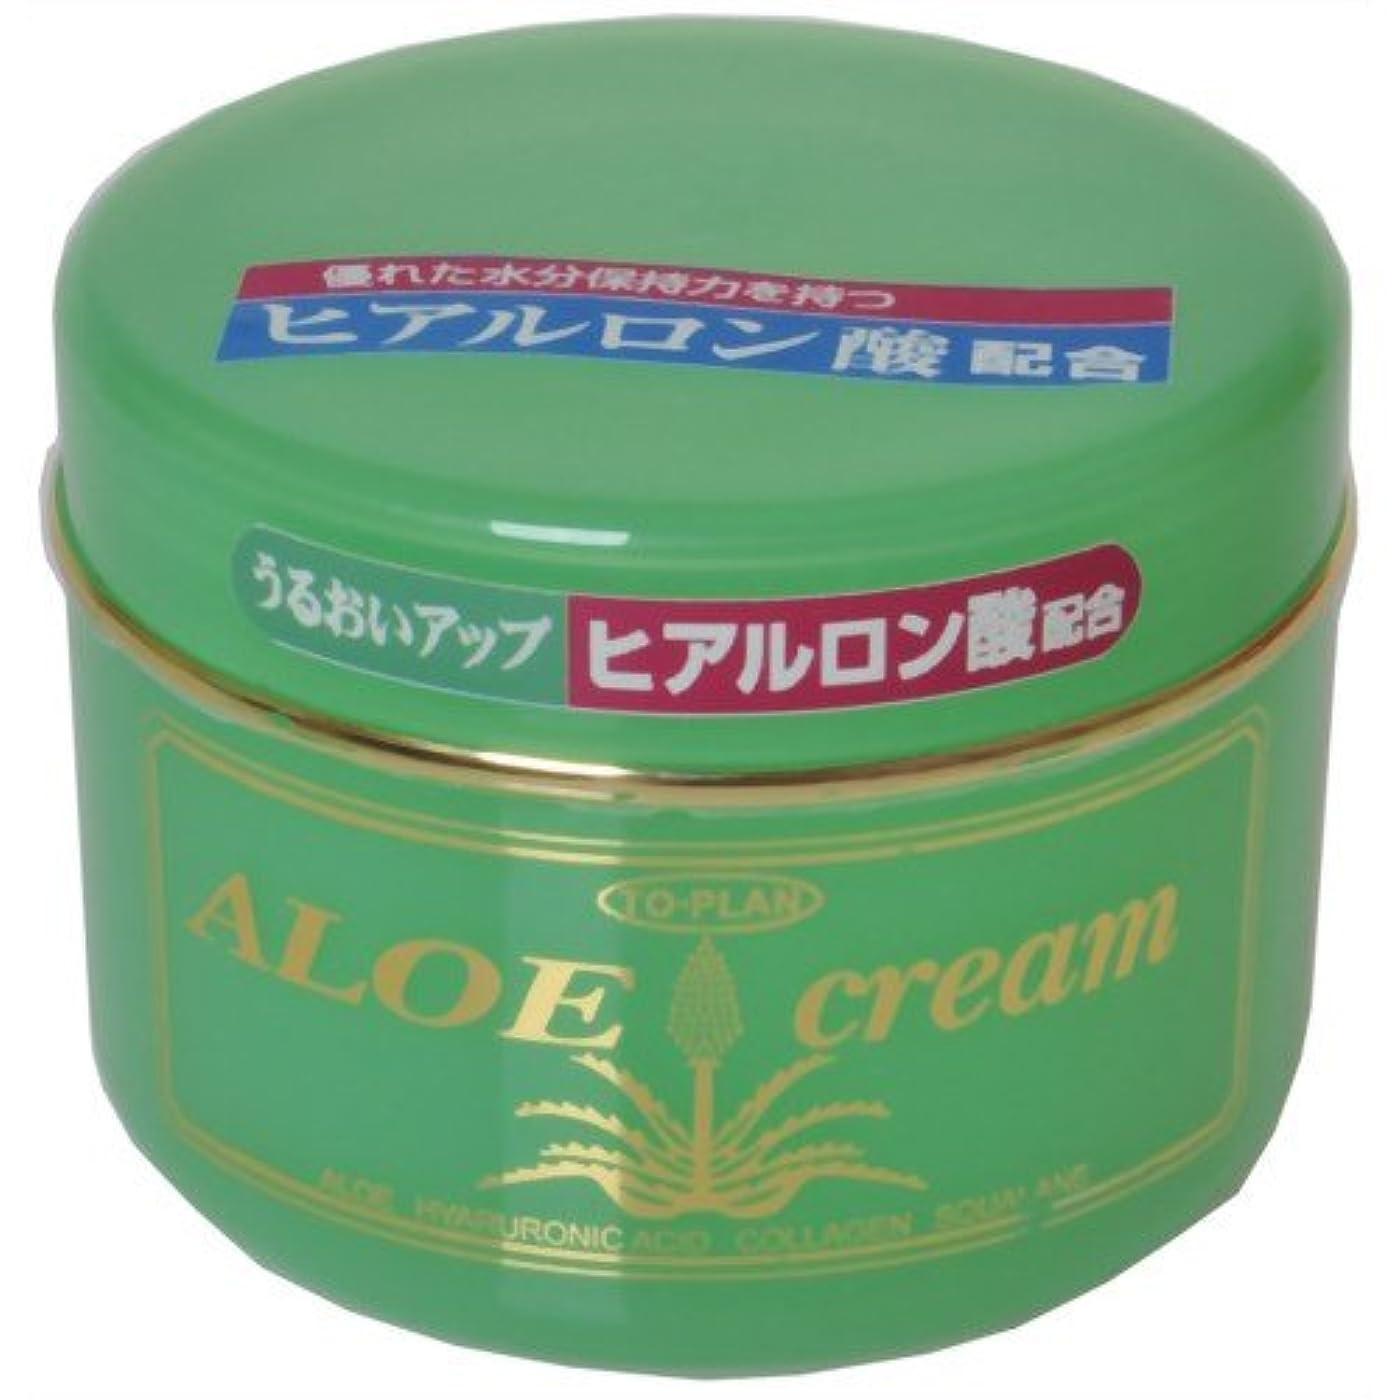 アトミック感情ぎこちないTO-PLAN(トプラン) ヒアルロン酸?アロエエキス?スクワラン配合アロエクリーム170g